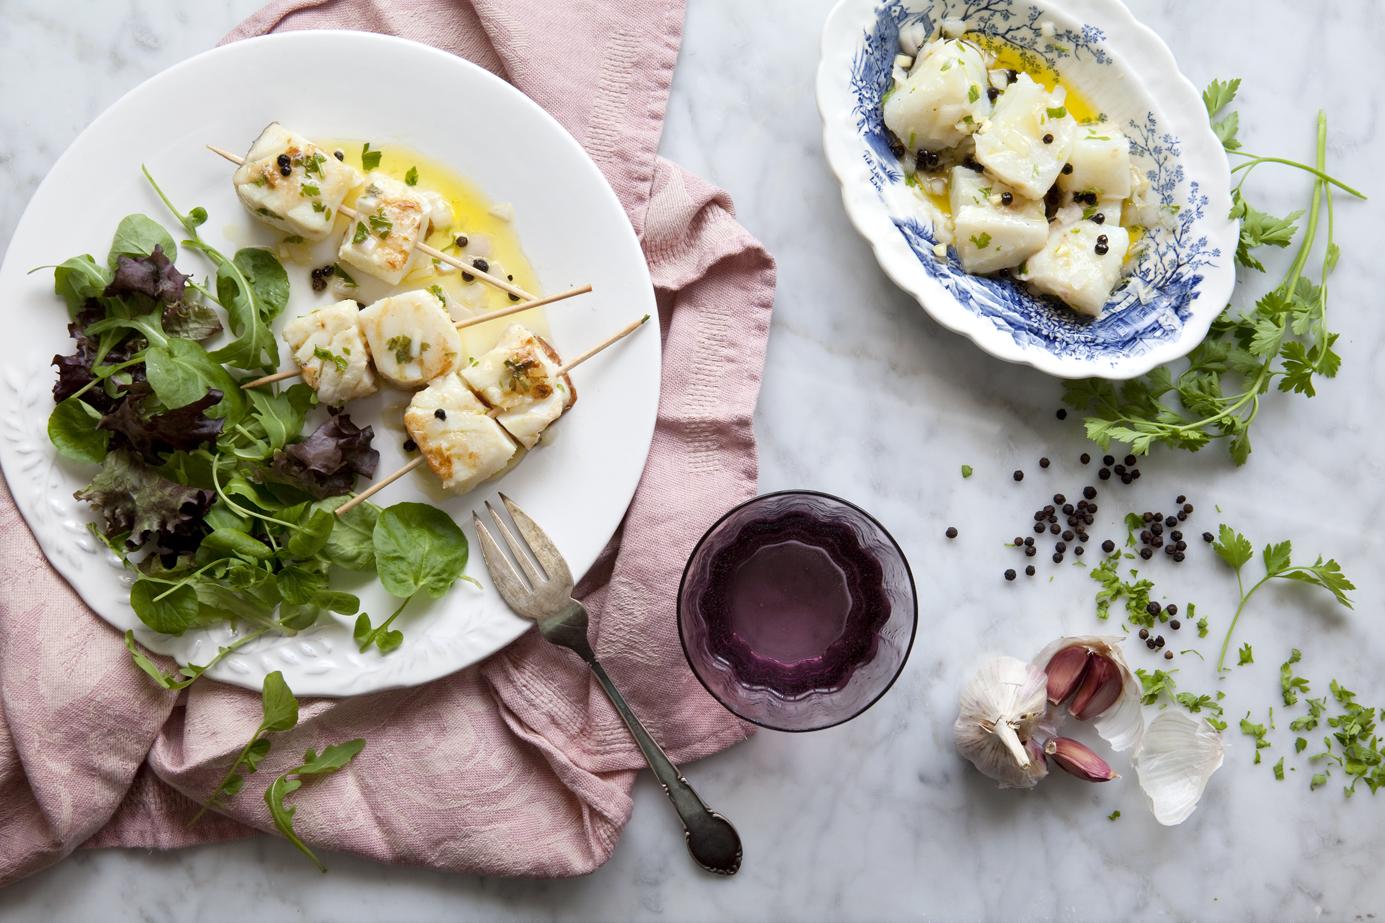 Bílá ryba v marinádě z extra panenského olivového oleje